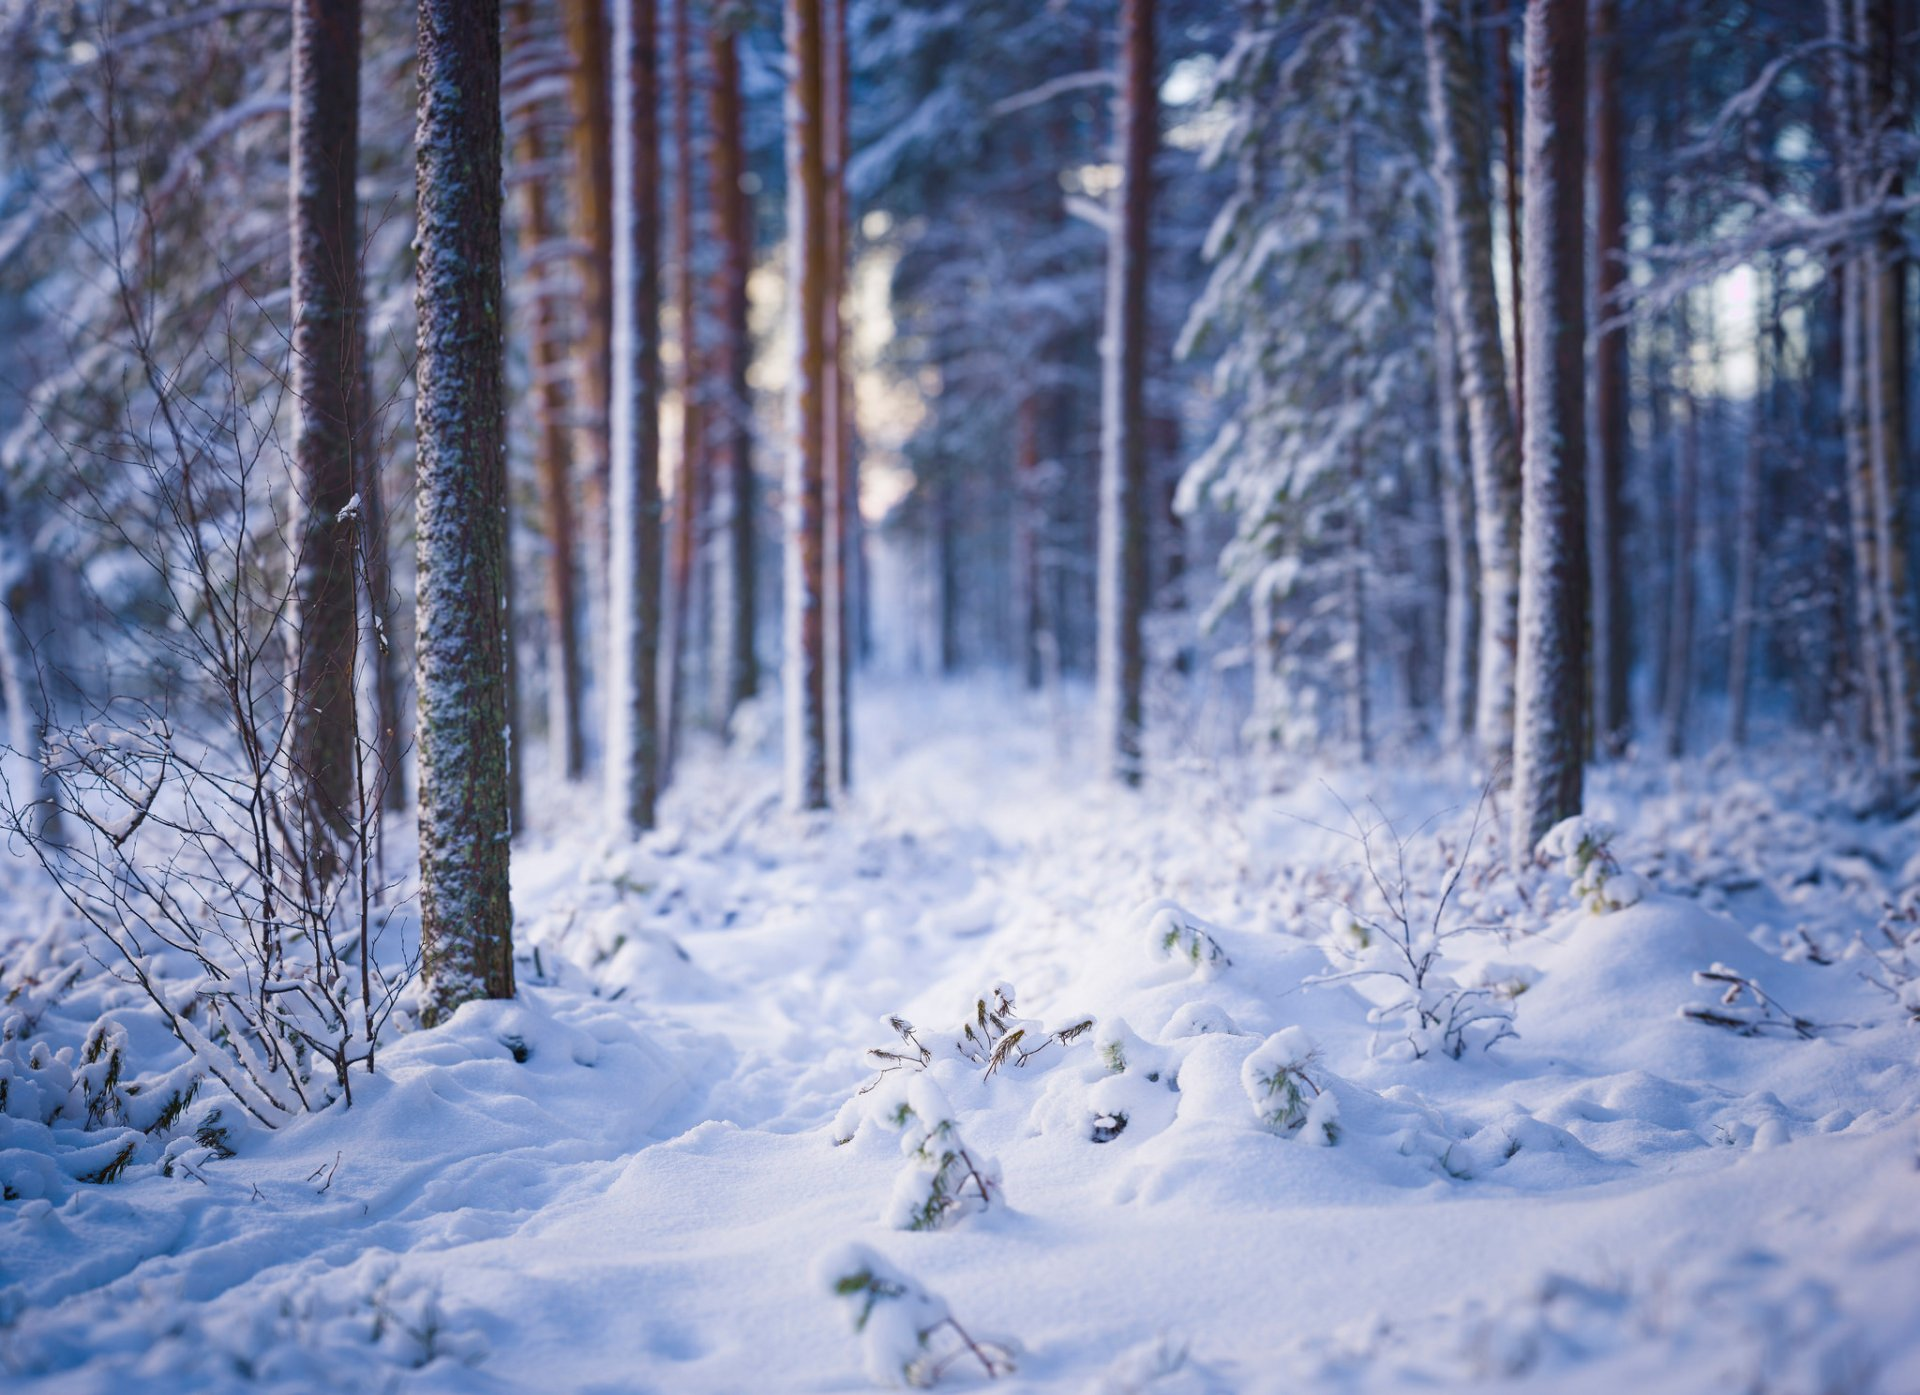 поляна в лесу зимой картинки